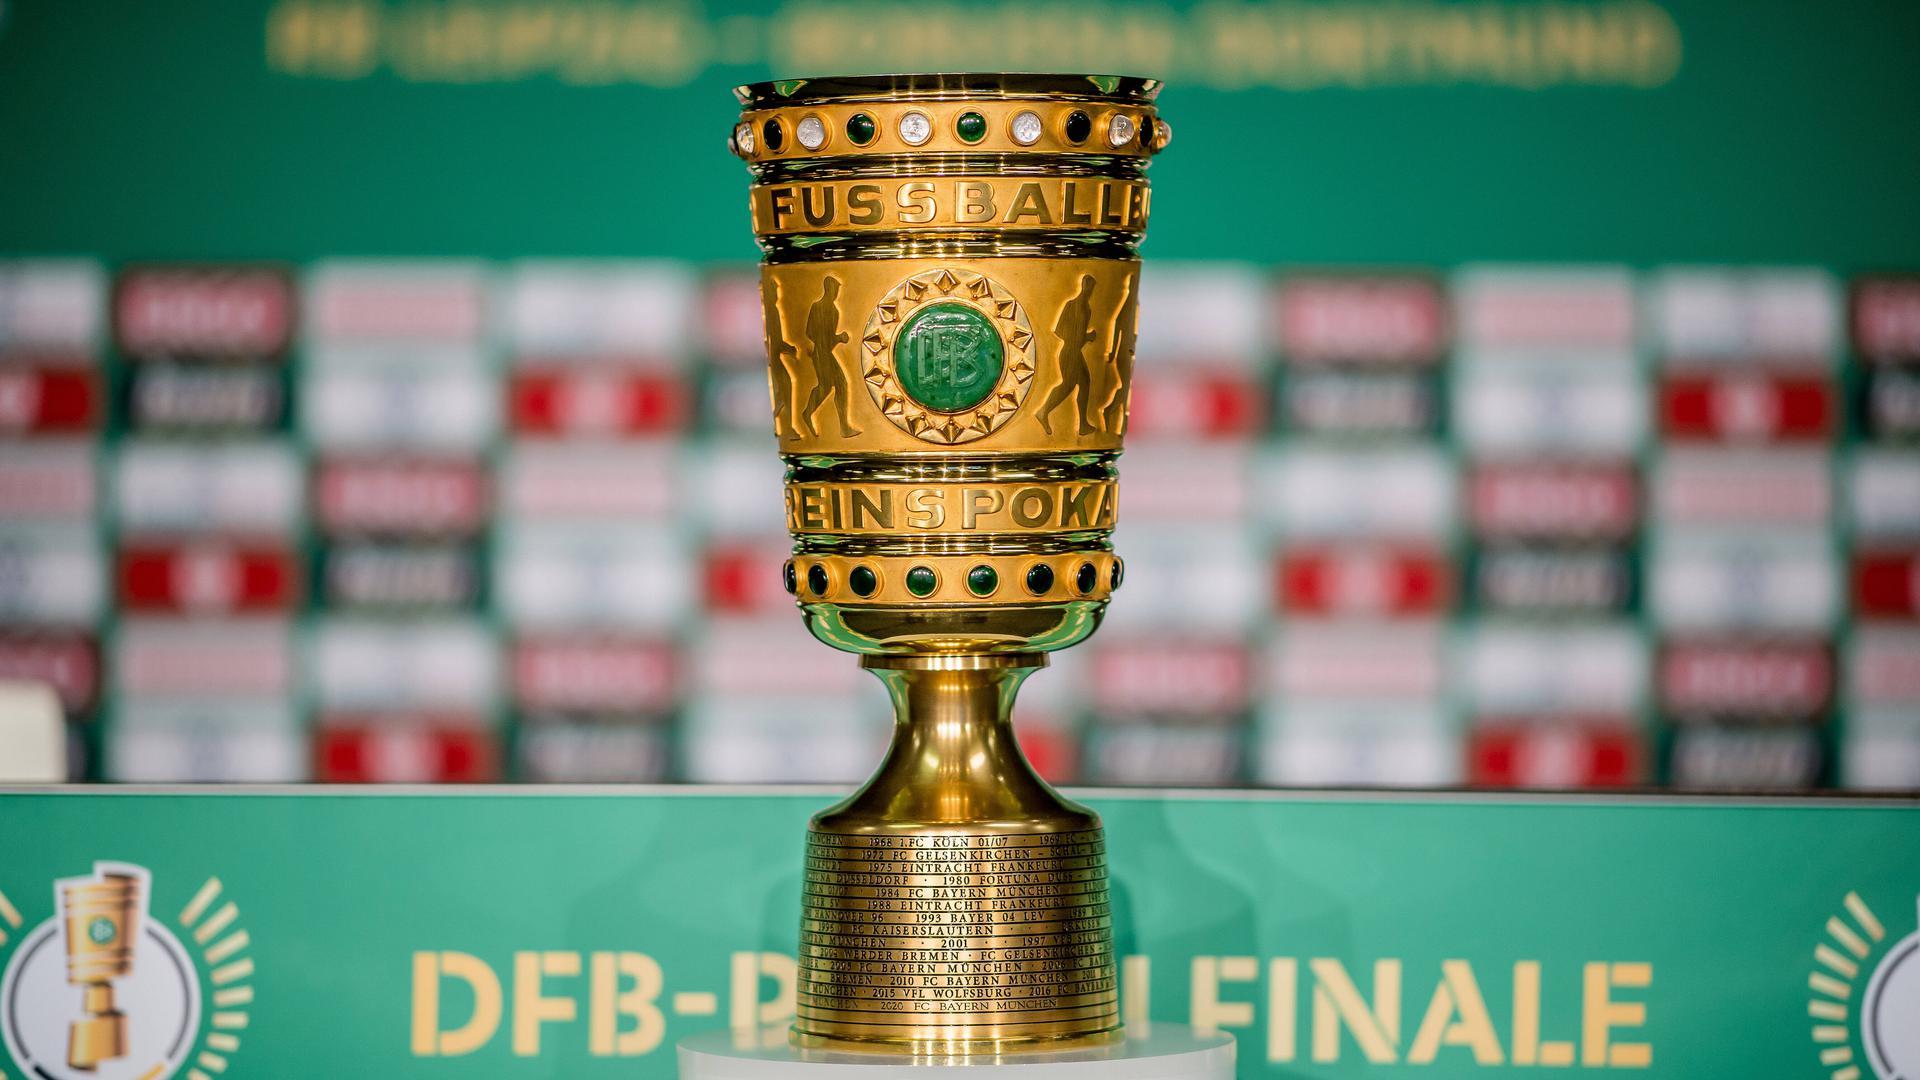 DFB-Pokal: Die erste Runde des Cup-Wettbewerbs 2021/2022 ist ausgelost.